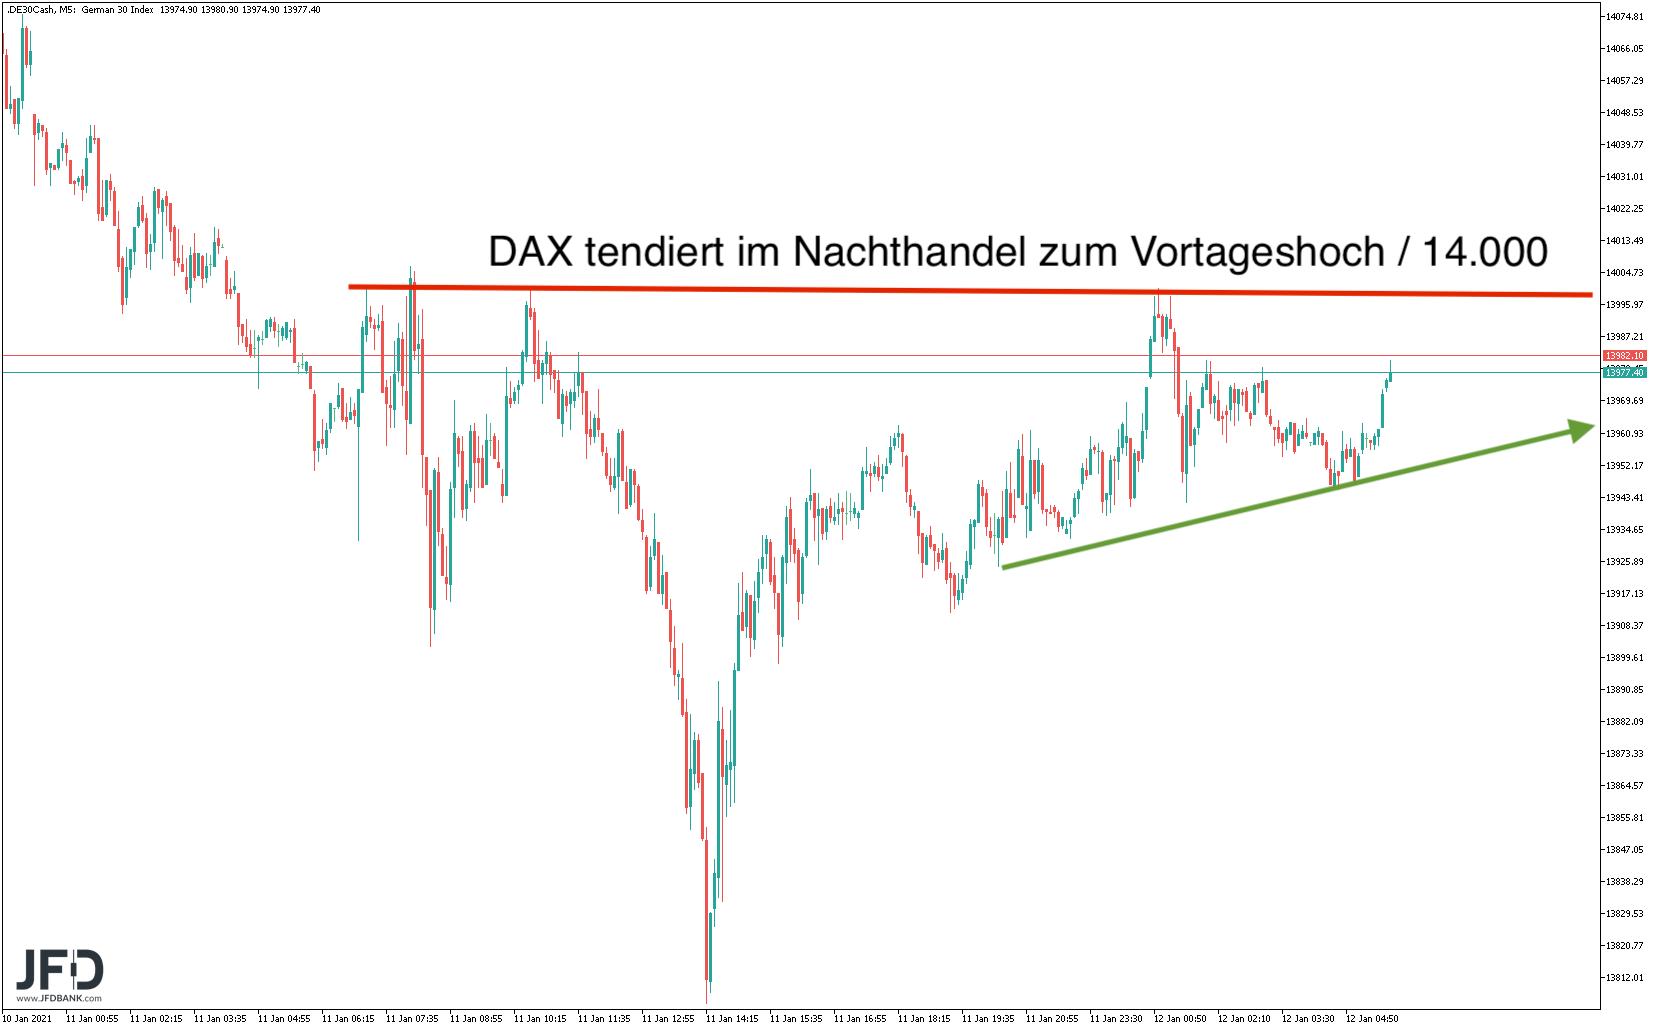 Korrektur-Montag-bereits-ausreichend-bei-DAX-und-Bitcoin-Kommentar-JFD-Bank-GodmodeTrader.de-7